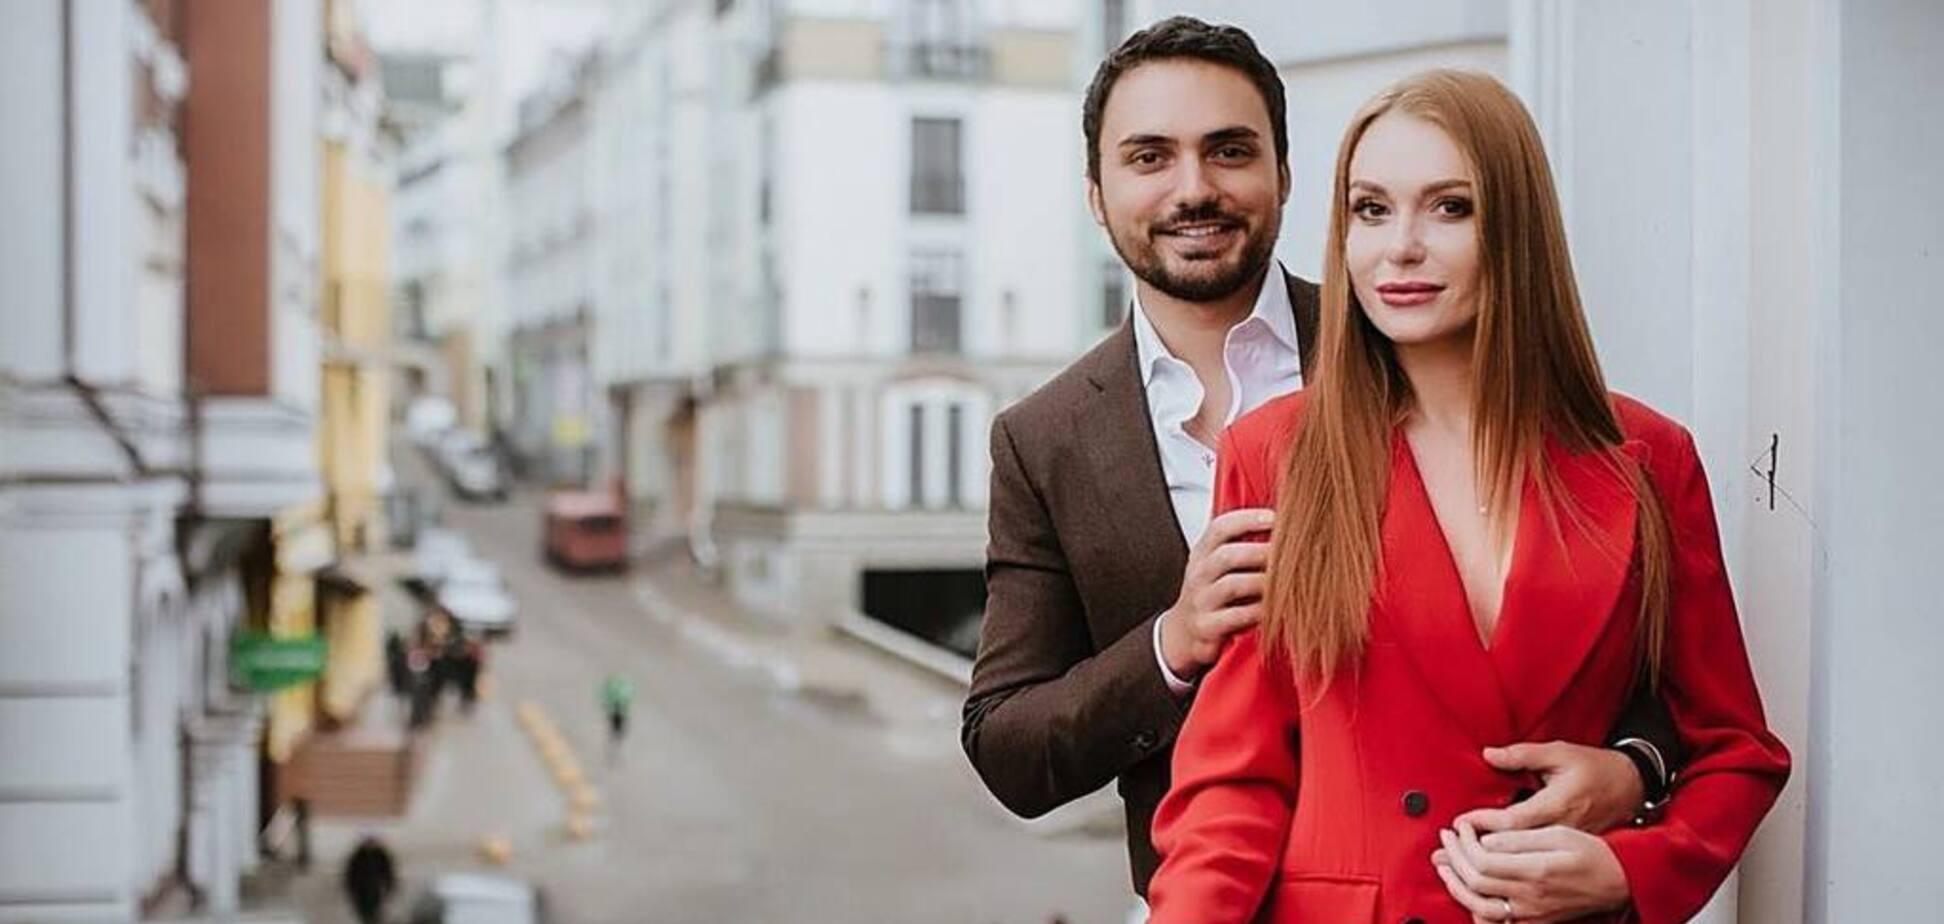 Слава Каминская разводится: как выглядела счастливая пара